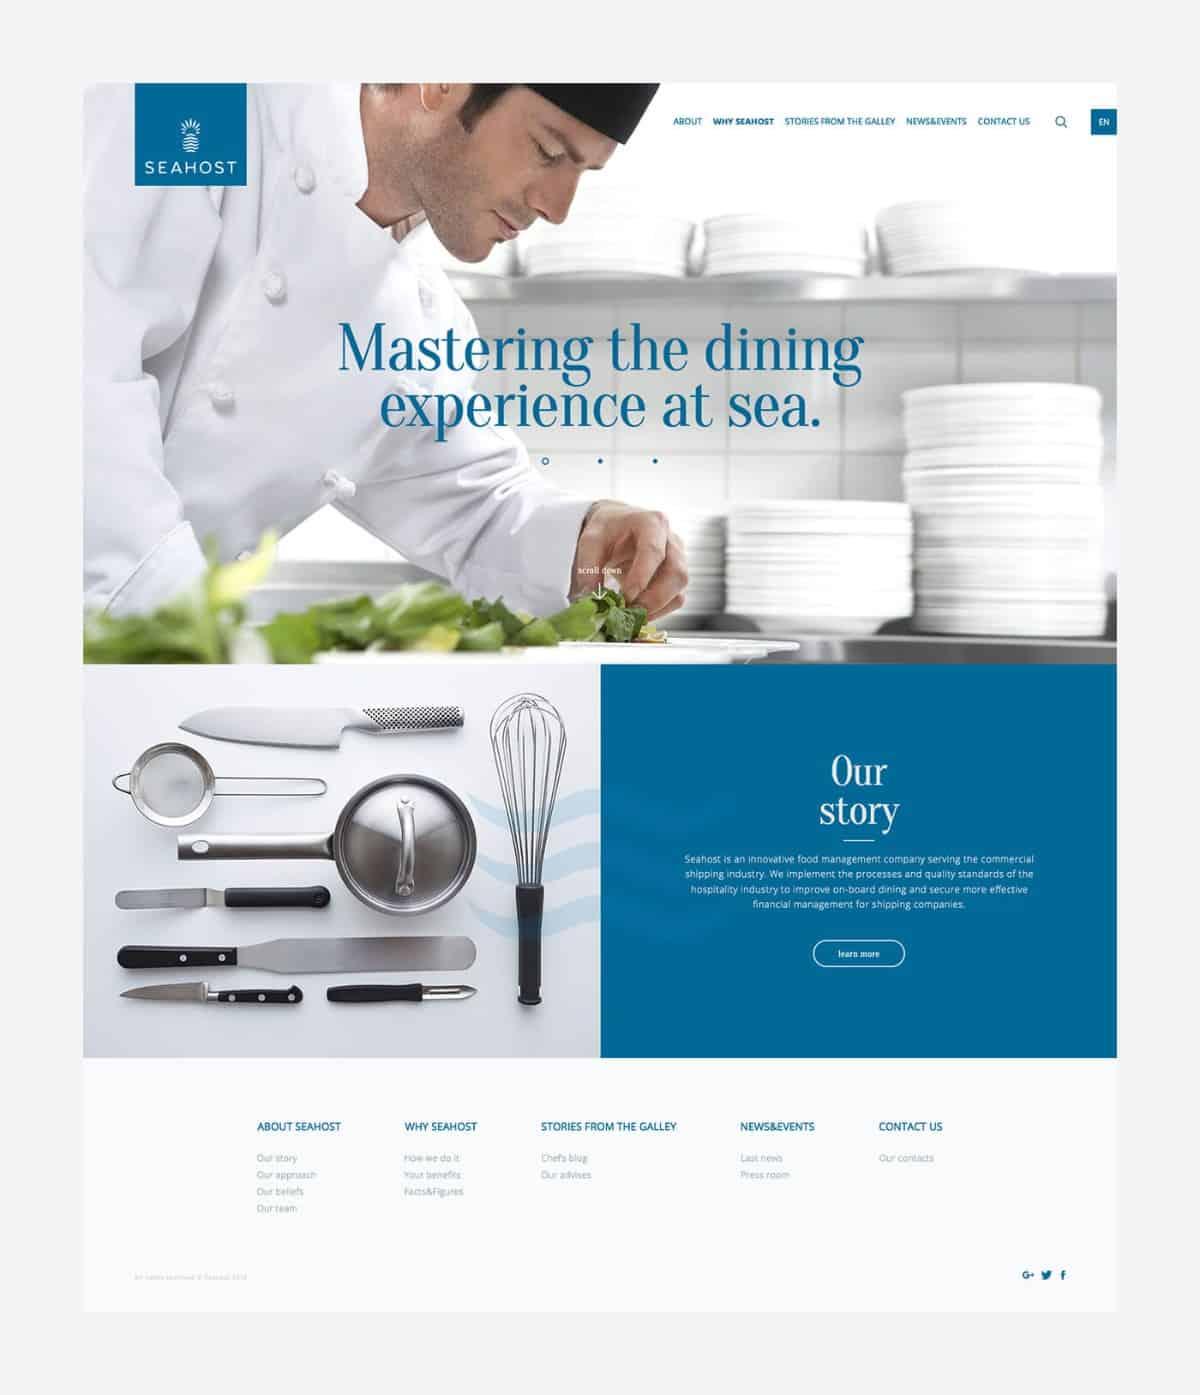 酒店管理品牌-網頁設計